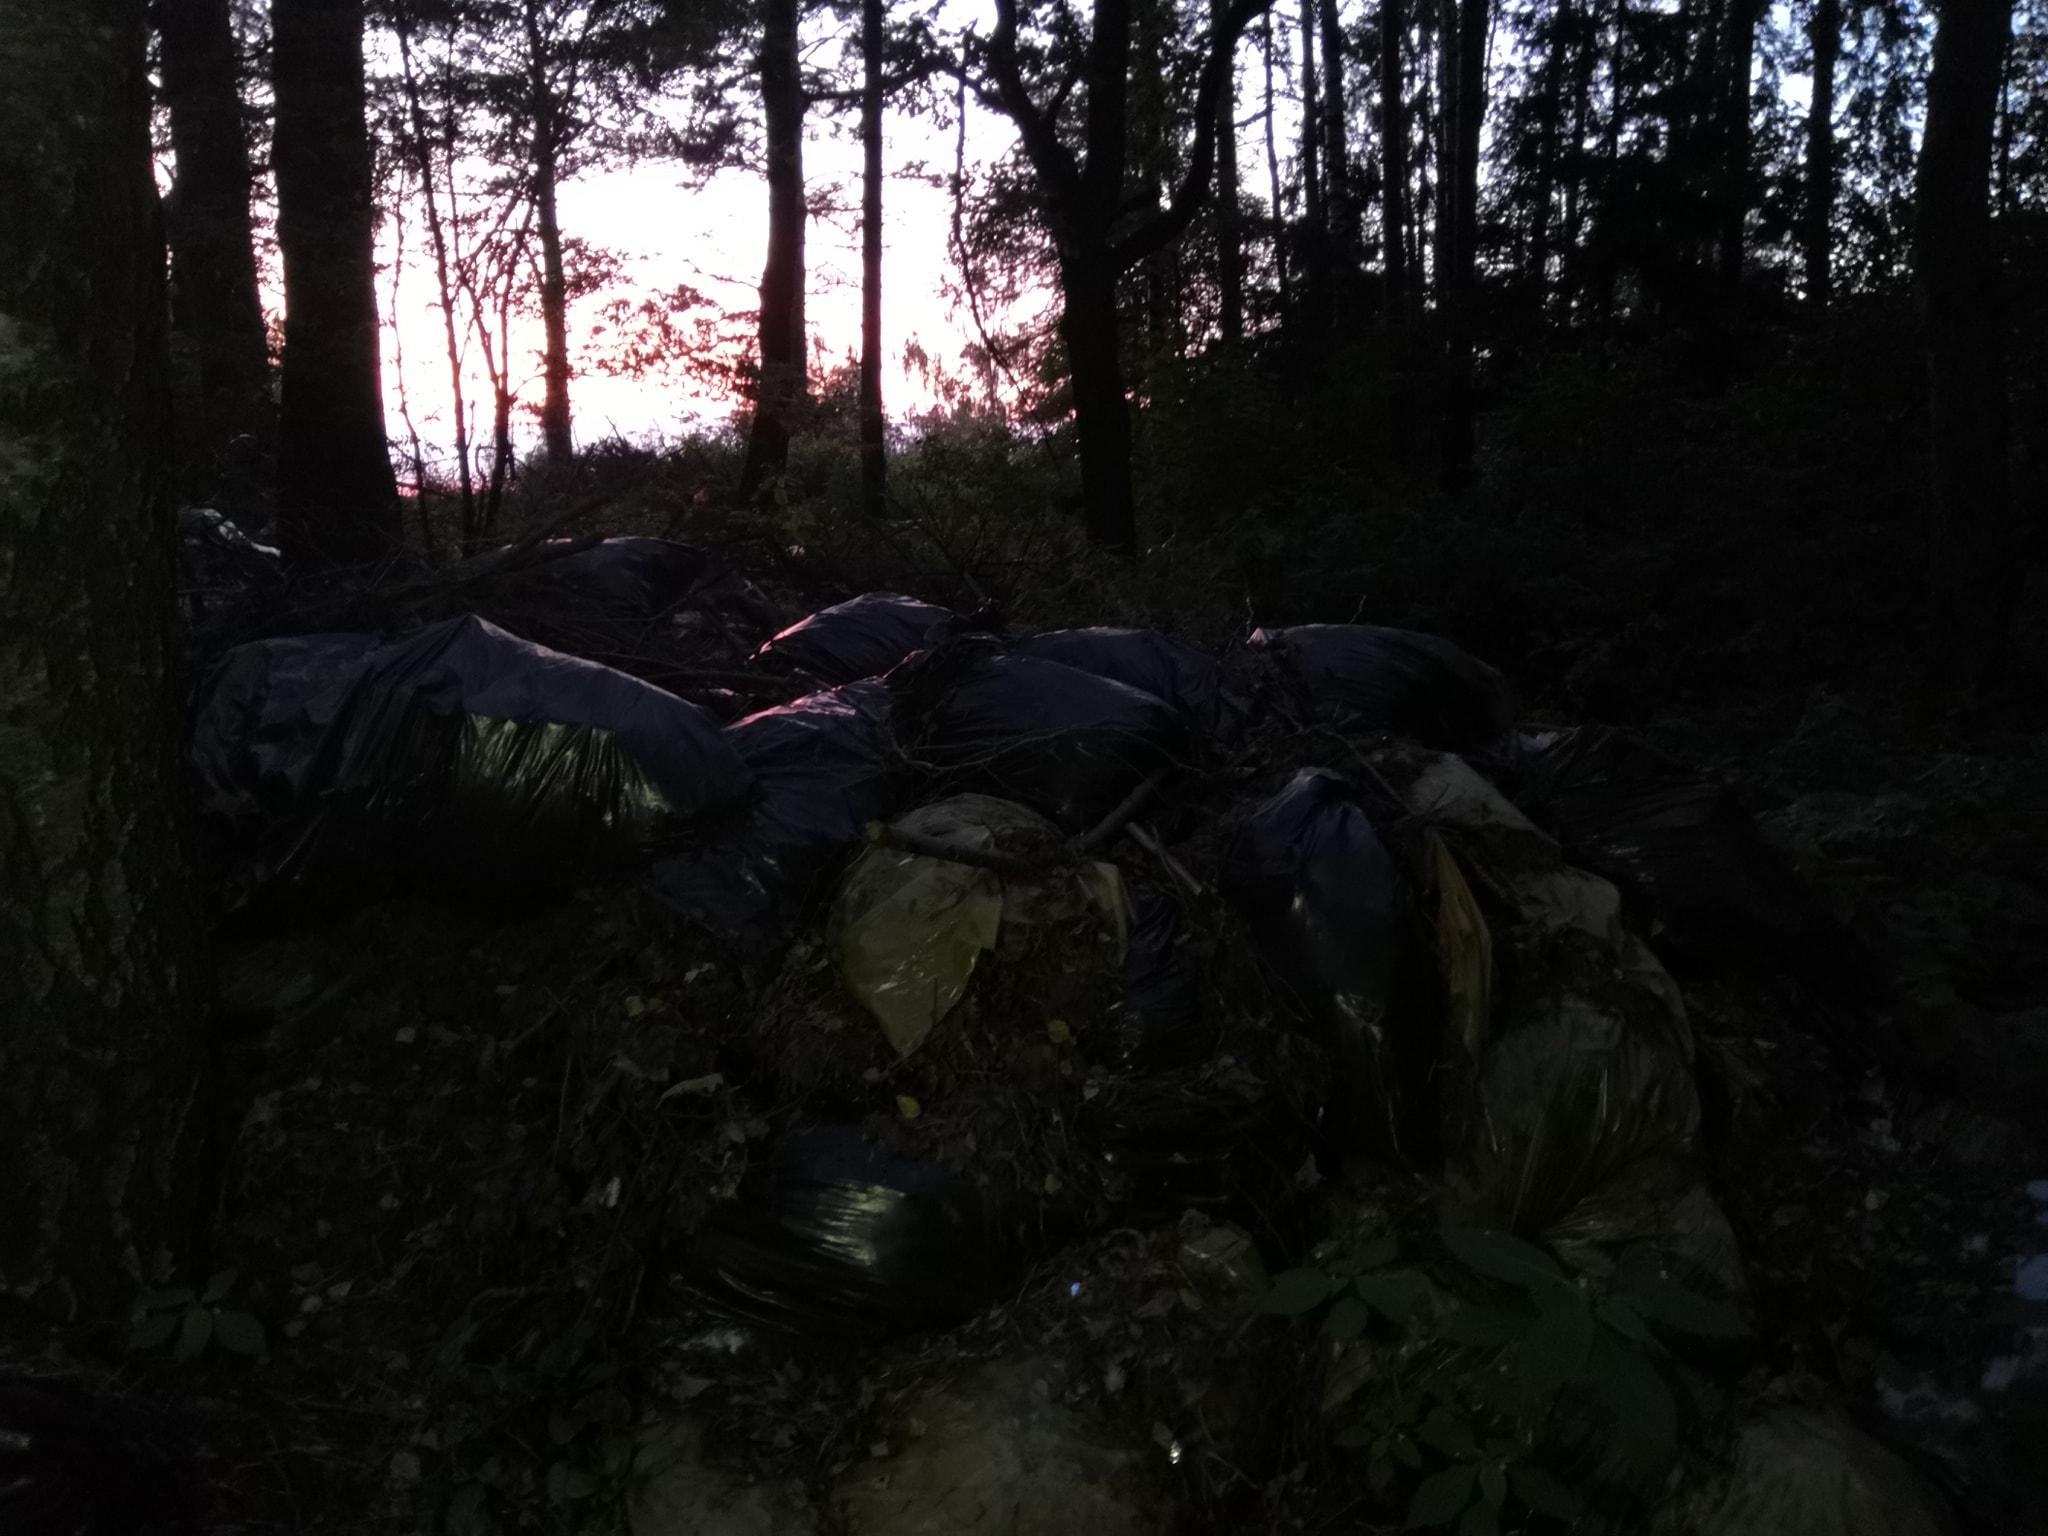 В Ярославле общественники нашли огромную зловонную свалку на берегу Волги